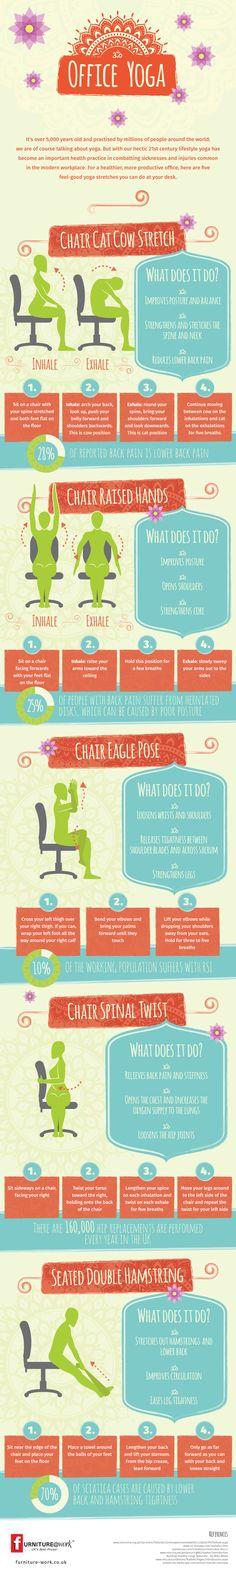 Das funktioniert überall - im Büro und Zuhause -- Office Yoga Infographic | Furniture@Work Blog